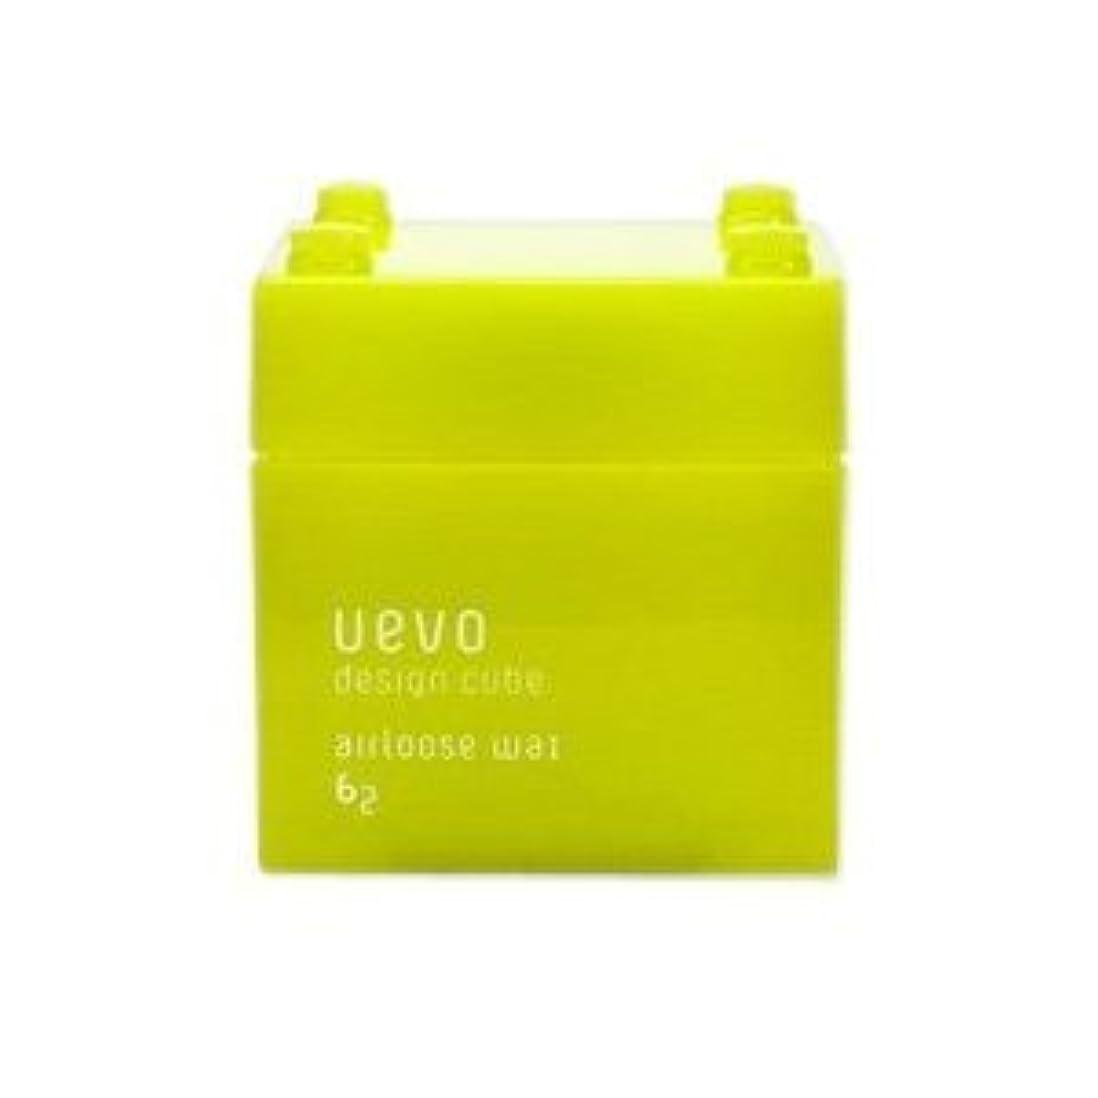 半ば模索メキシコ【X2個セット】 デミ ウェーボ デザインキューブ エアルーズワックス 80g airloose wax DEMI uevo design cube